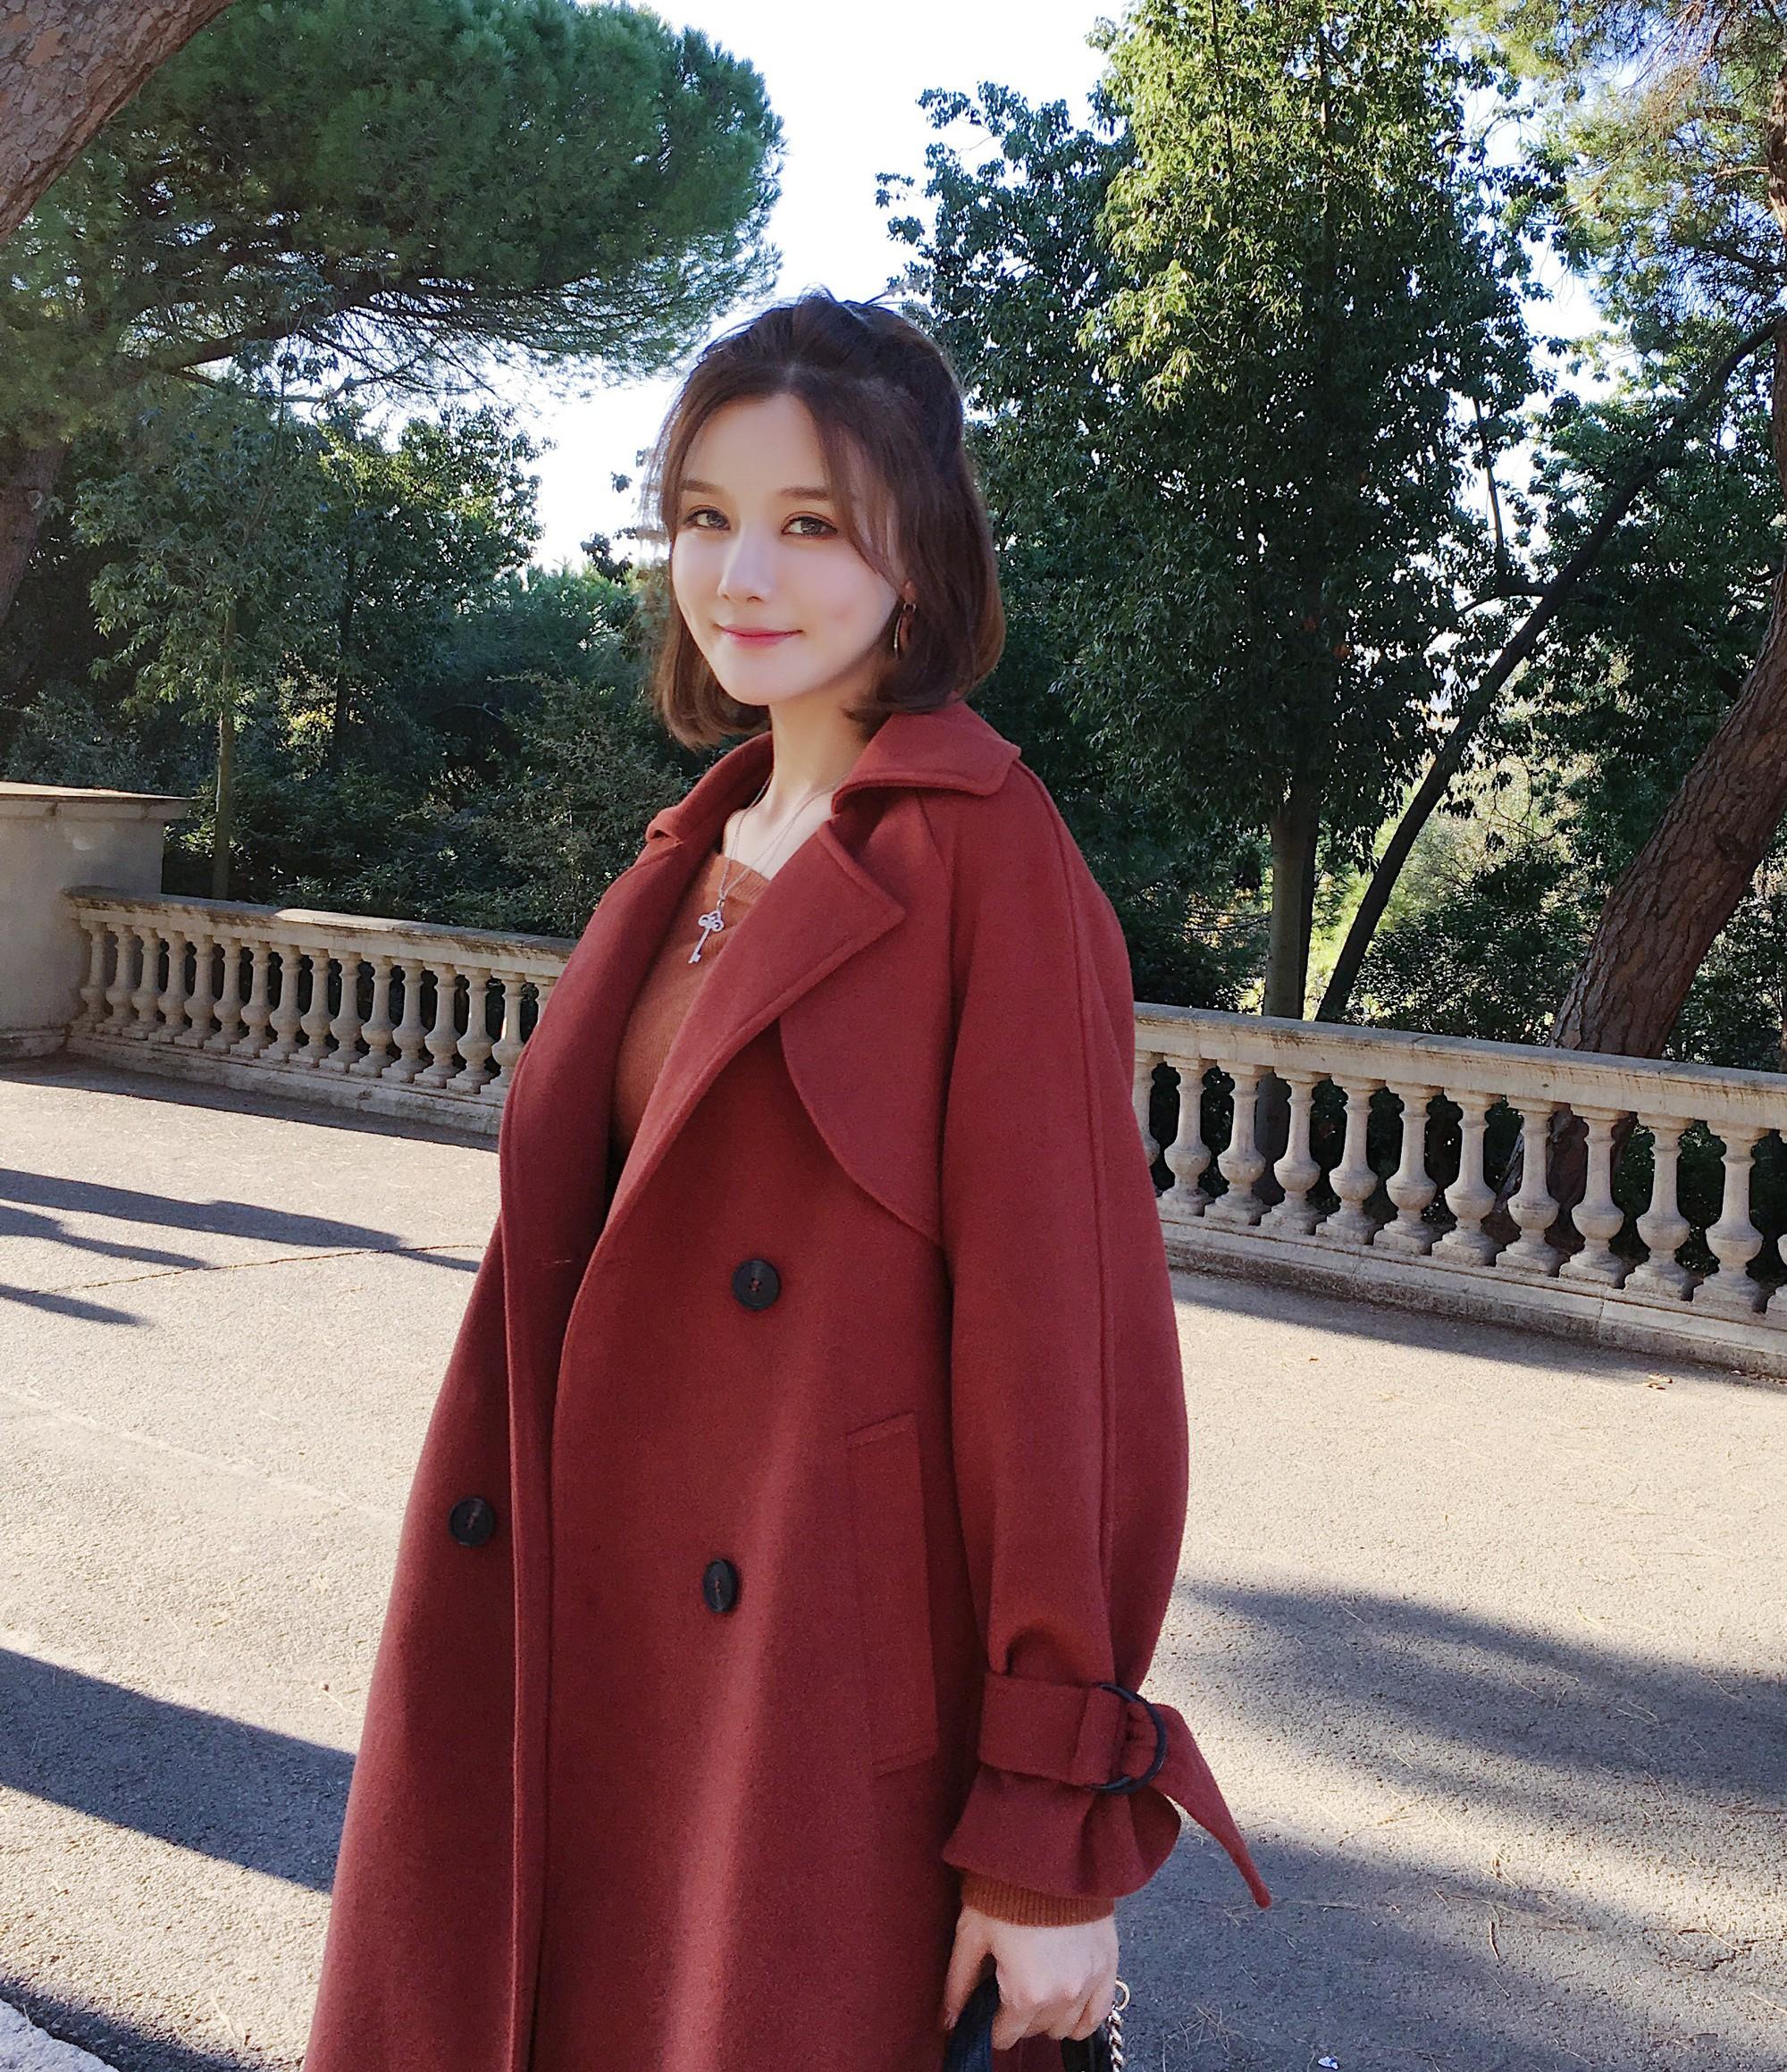 Lỡ tay tắt nhầm hiệu ứng làm đẹp khi livestream, hot girl Trung Quốc lộ nhan sắc thật - Ảnh 3.